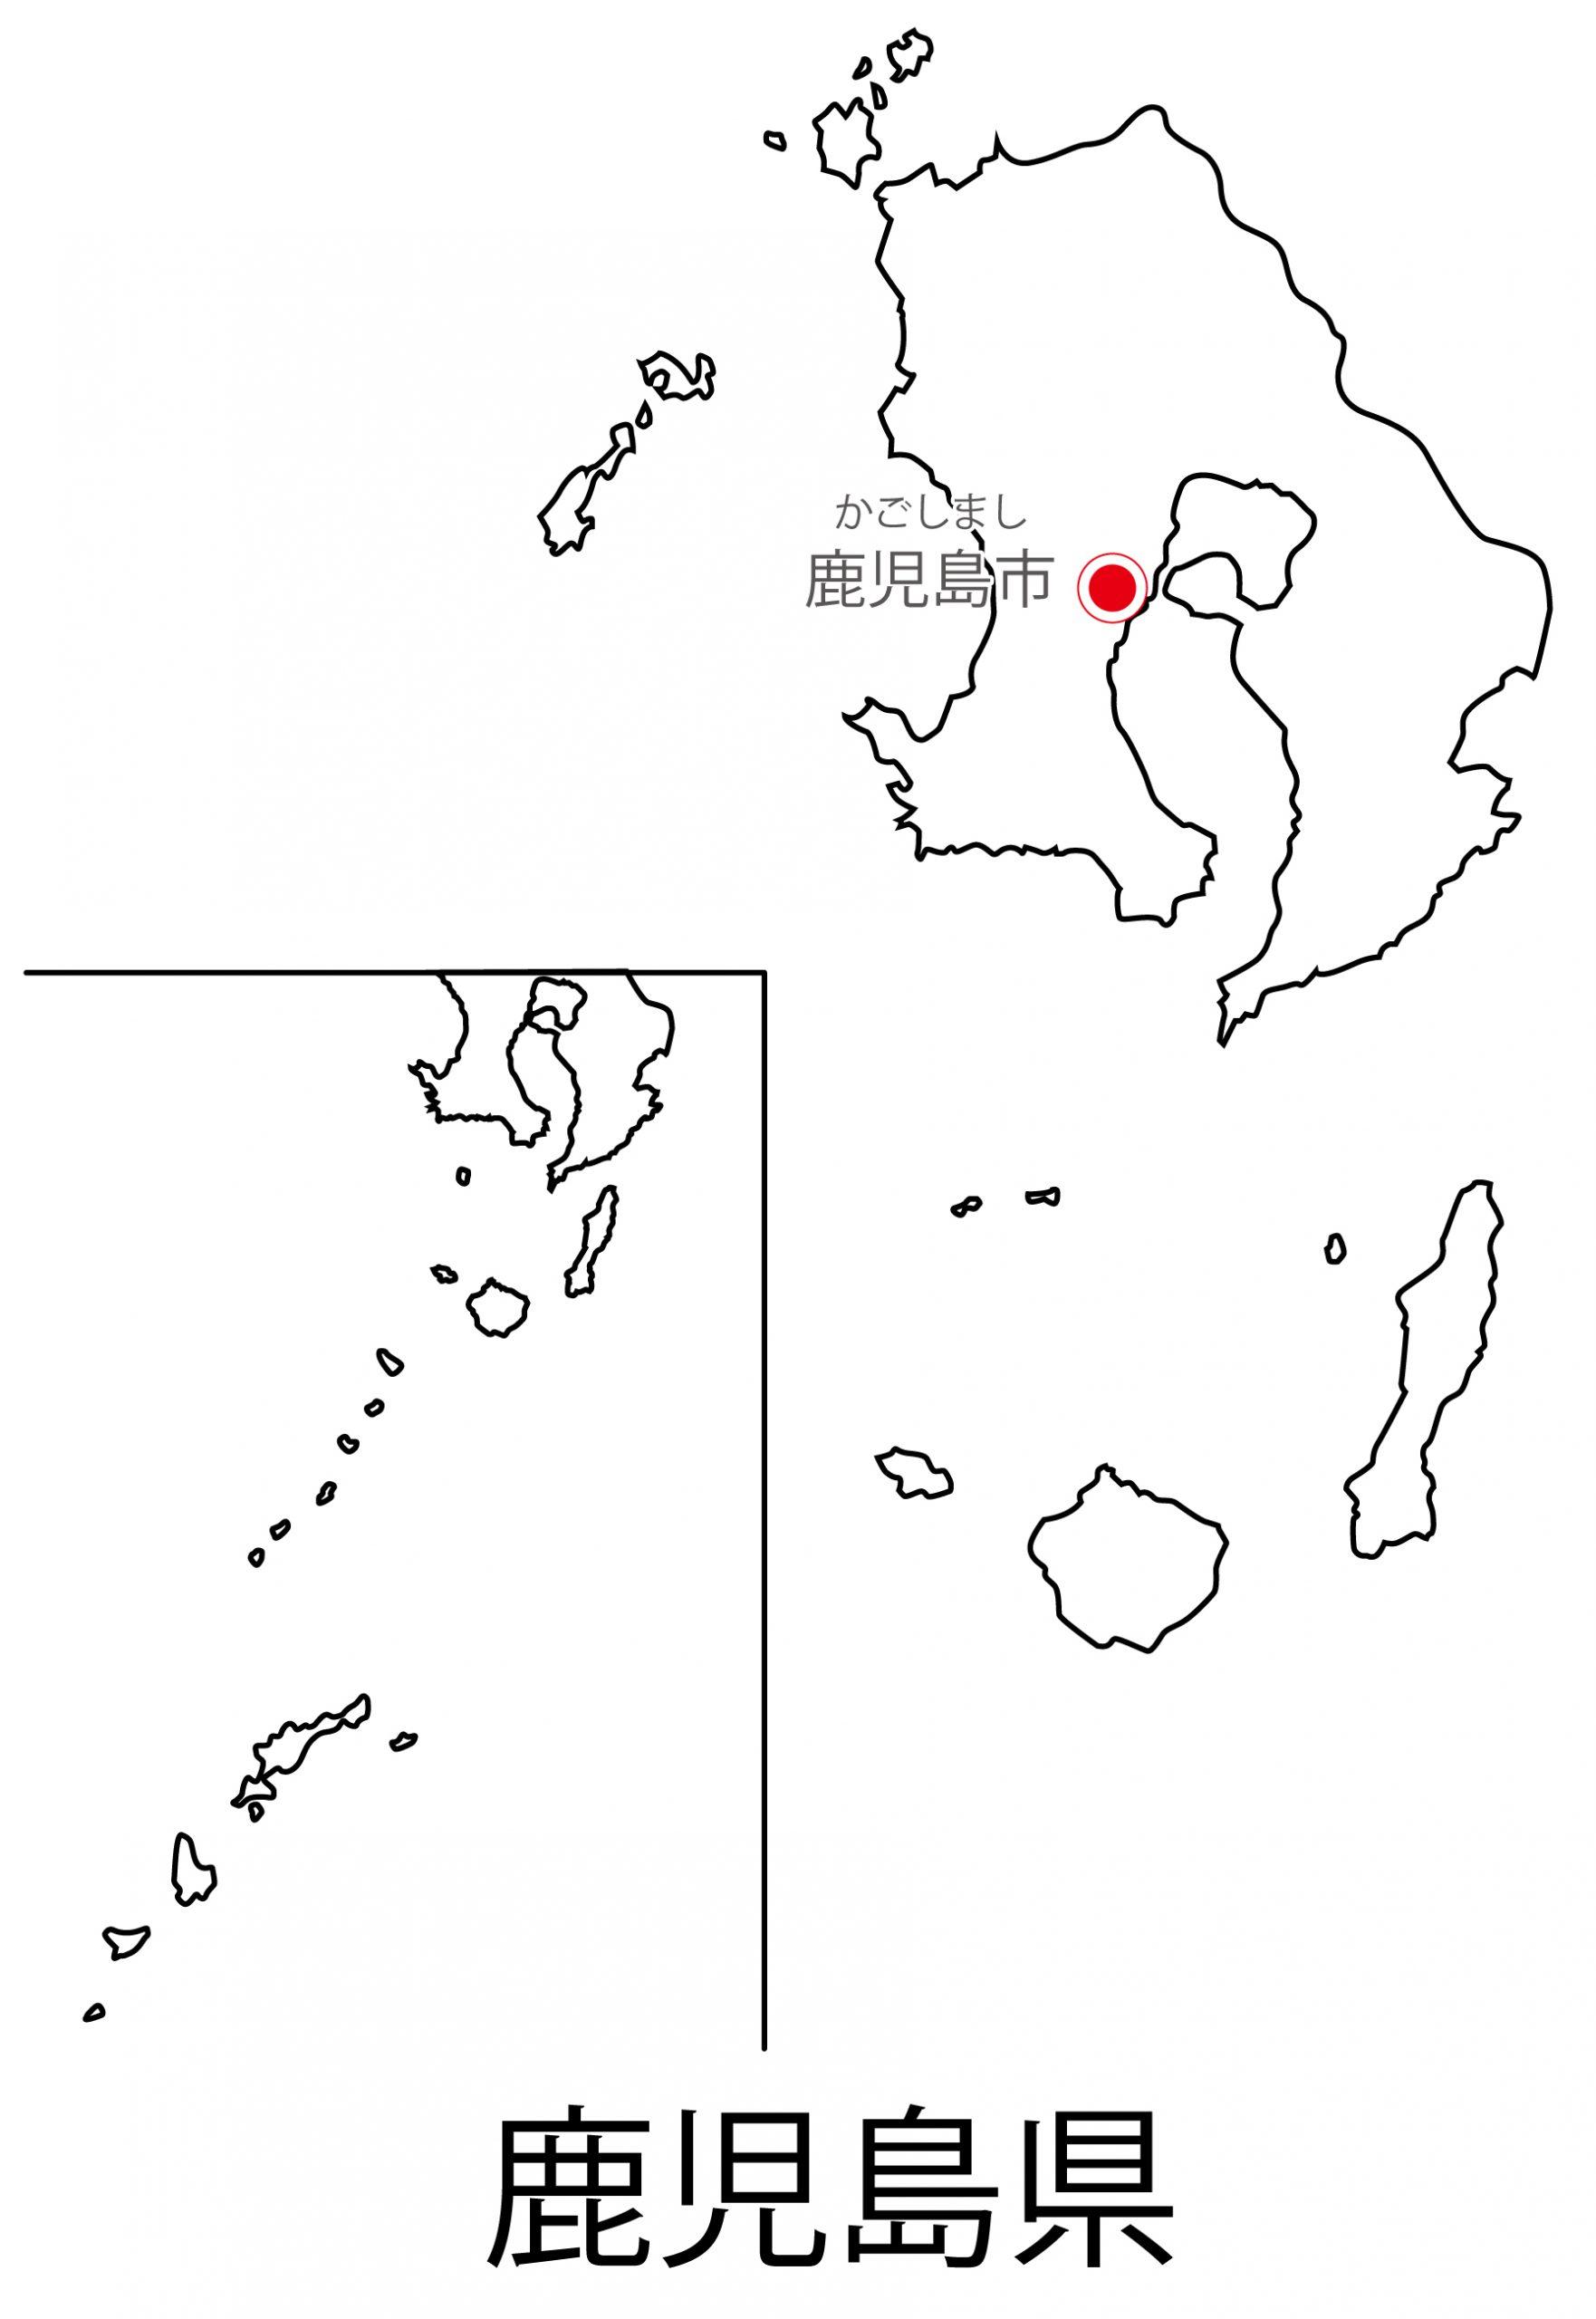 鹿児島県無料フリーイラスト|日本語・都道府県名あり・県庁所在地あり(白)